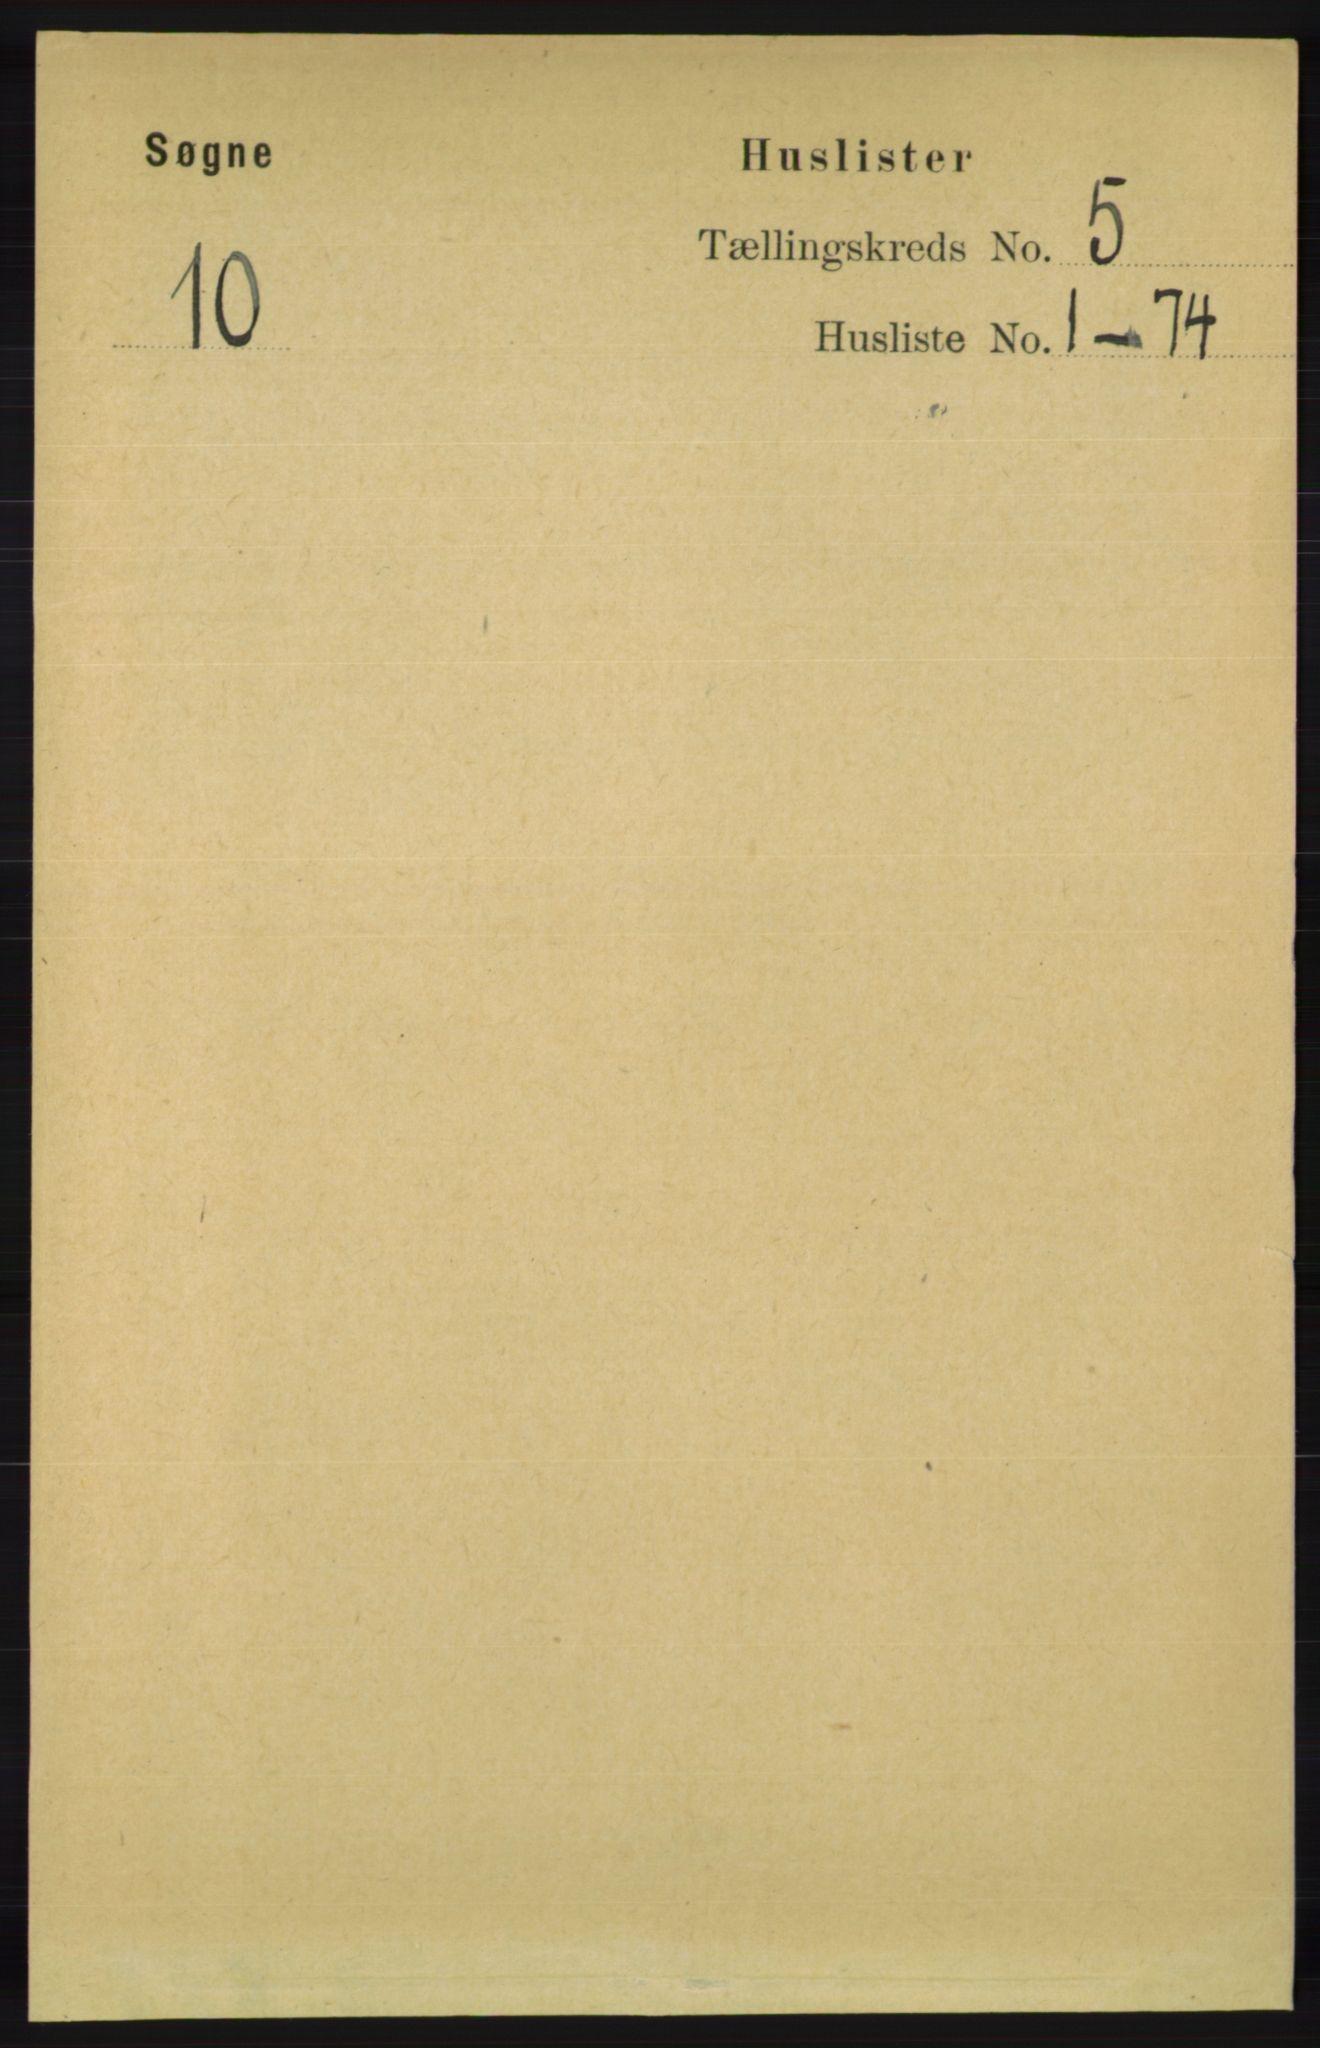 RA, Folketelling 1891 for 1018 Søgne herred, 1891, s. 830